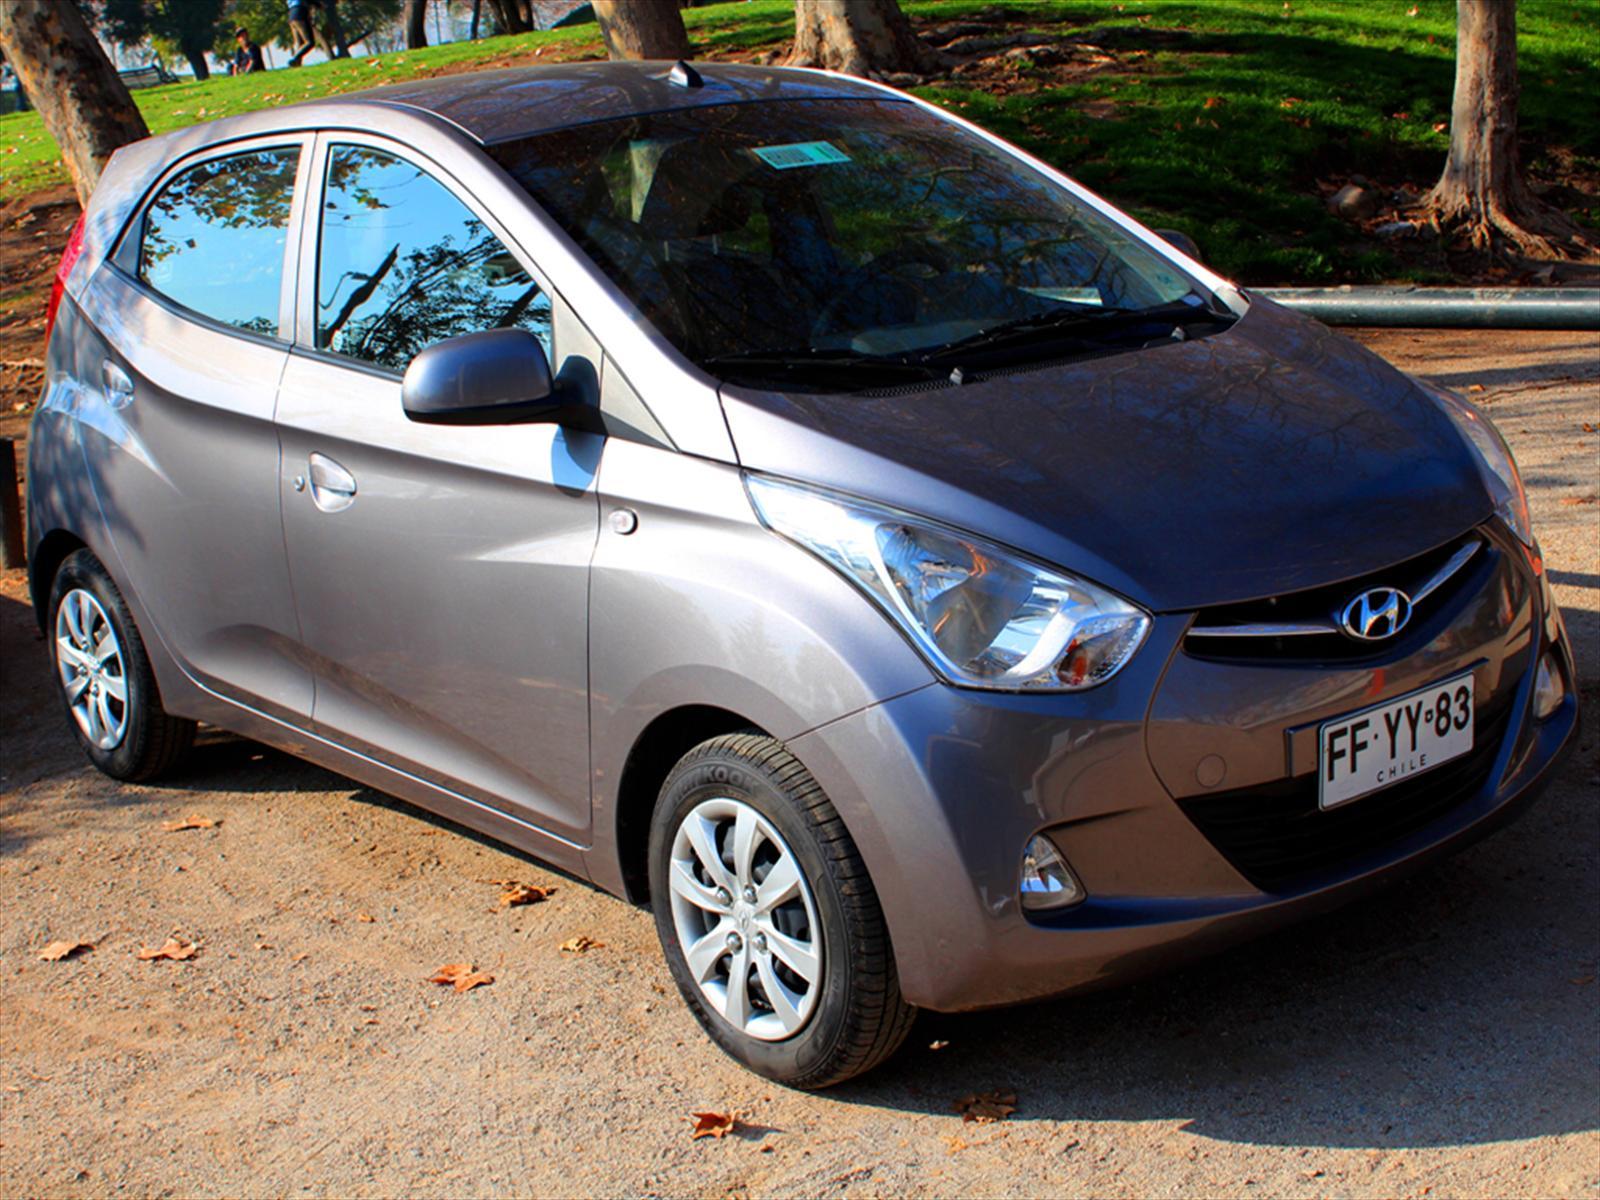 Prueba Al Hyundai Eon Gls 0 8 Litros La Clave Est 225 En El